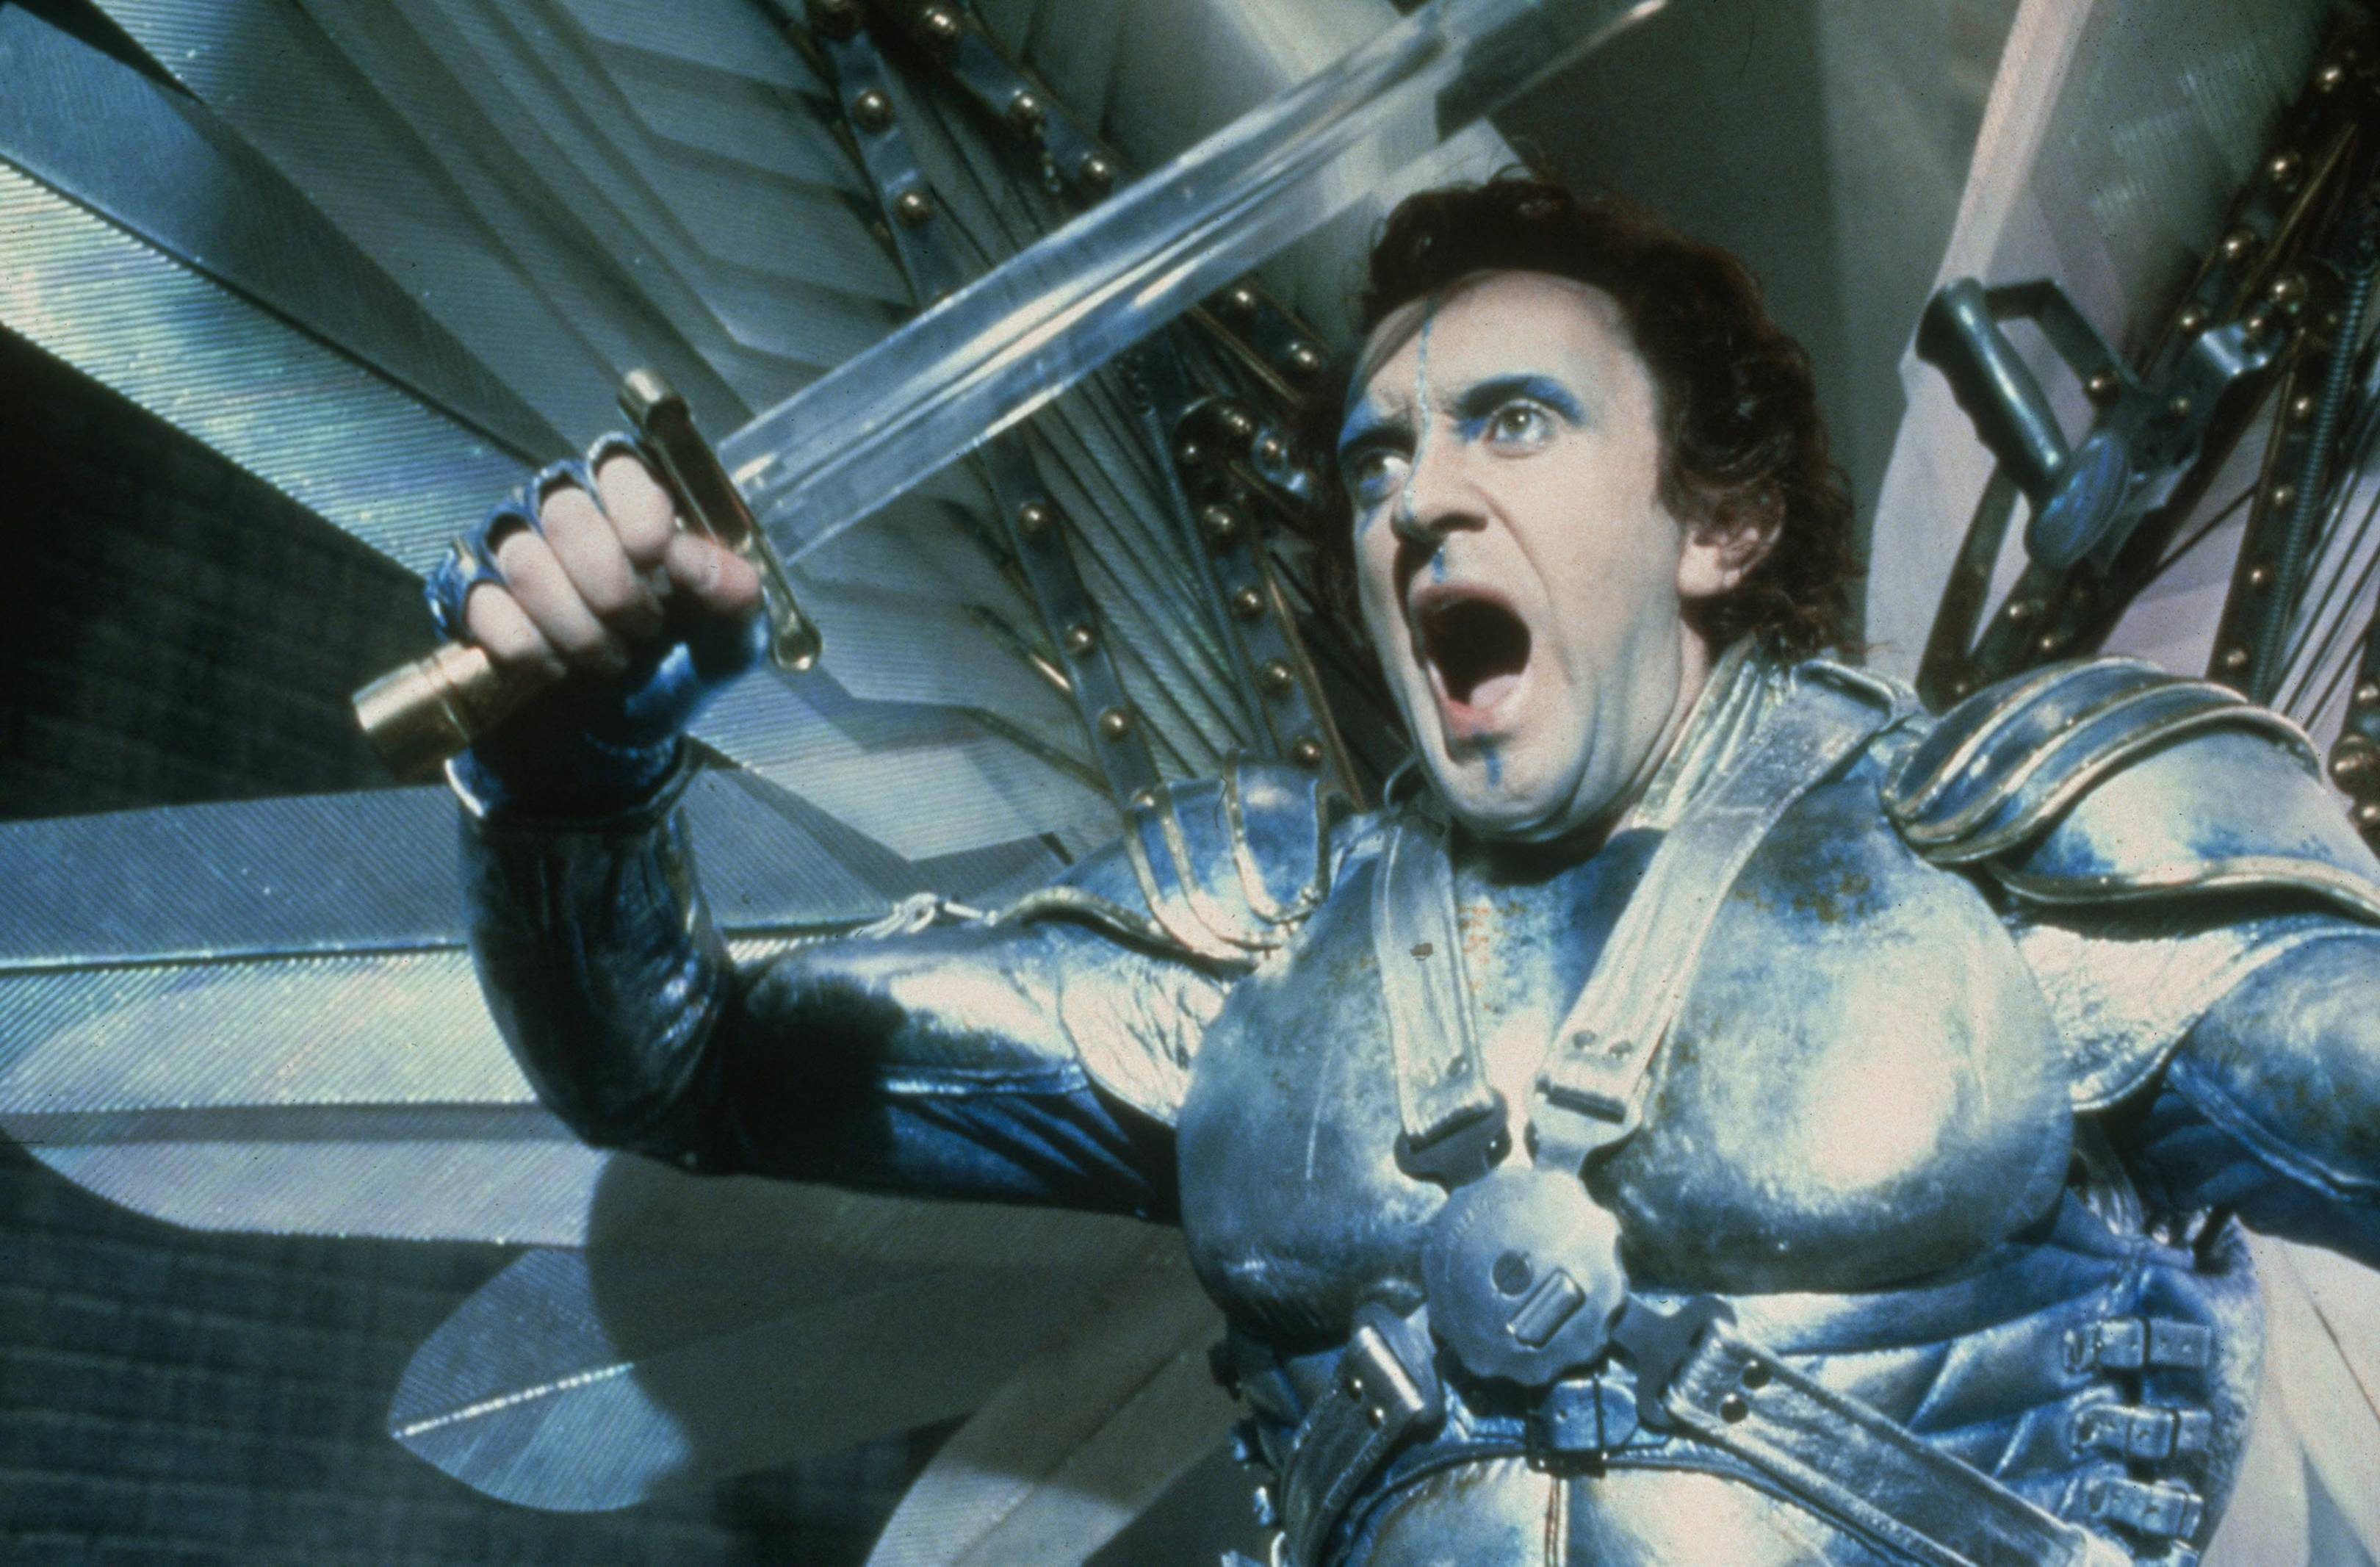 Action Thriller Alien Movie Original Cast Ridley Scott Group Publicity Photo